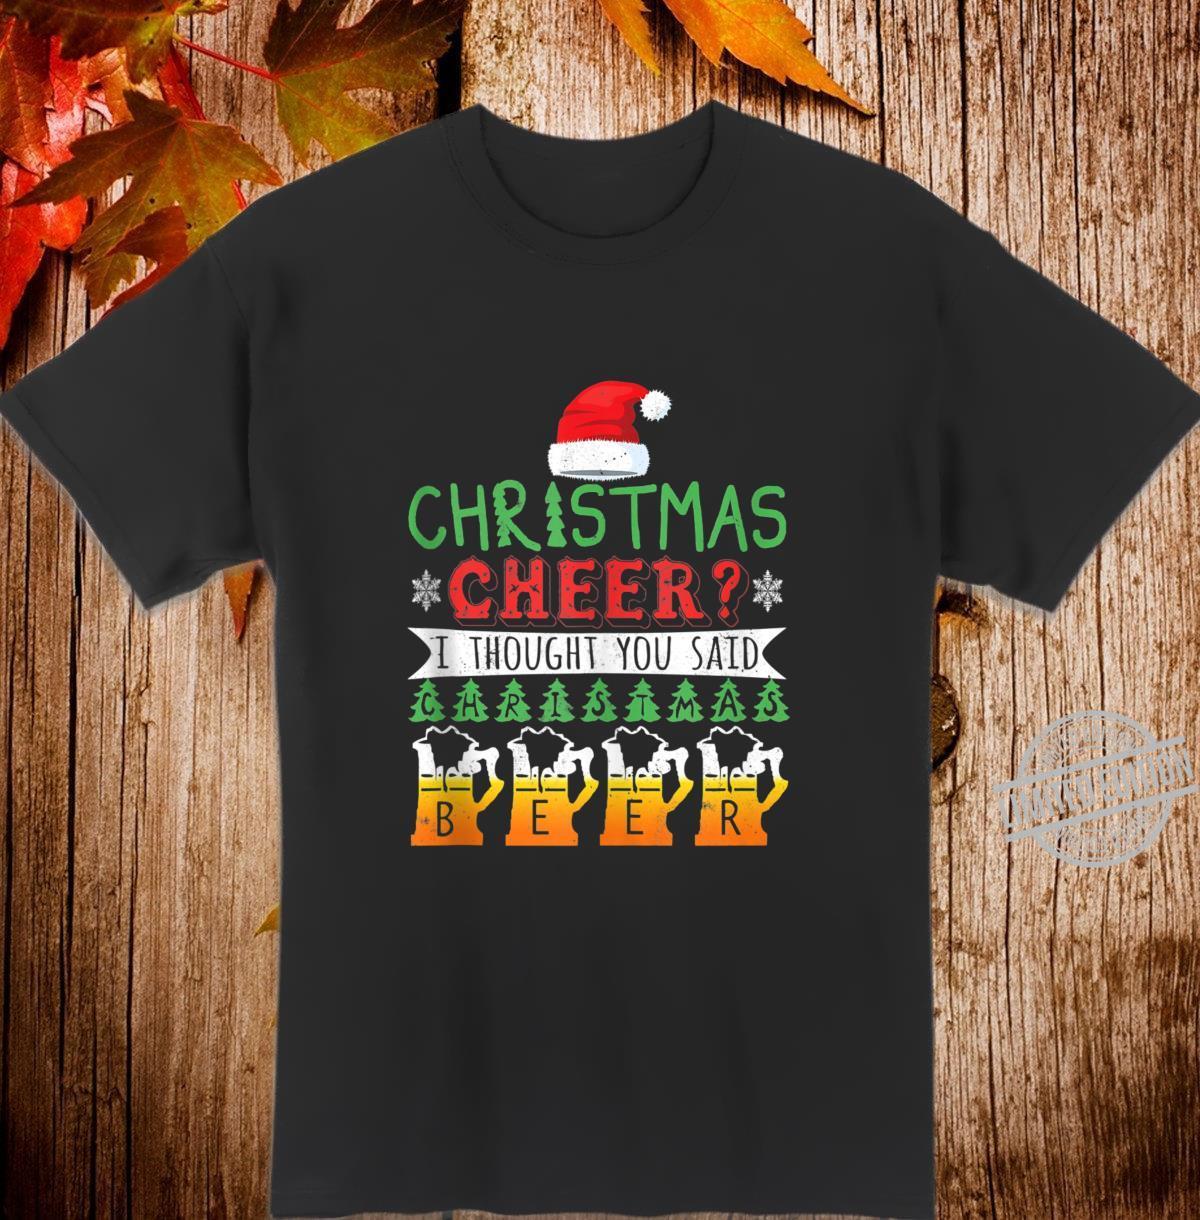 Christmas Cheer Christmas Beer Christmas Amazing Shirt